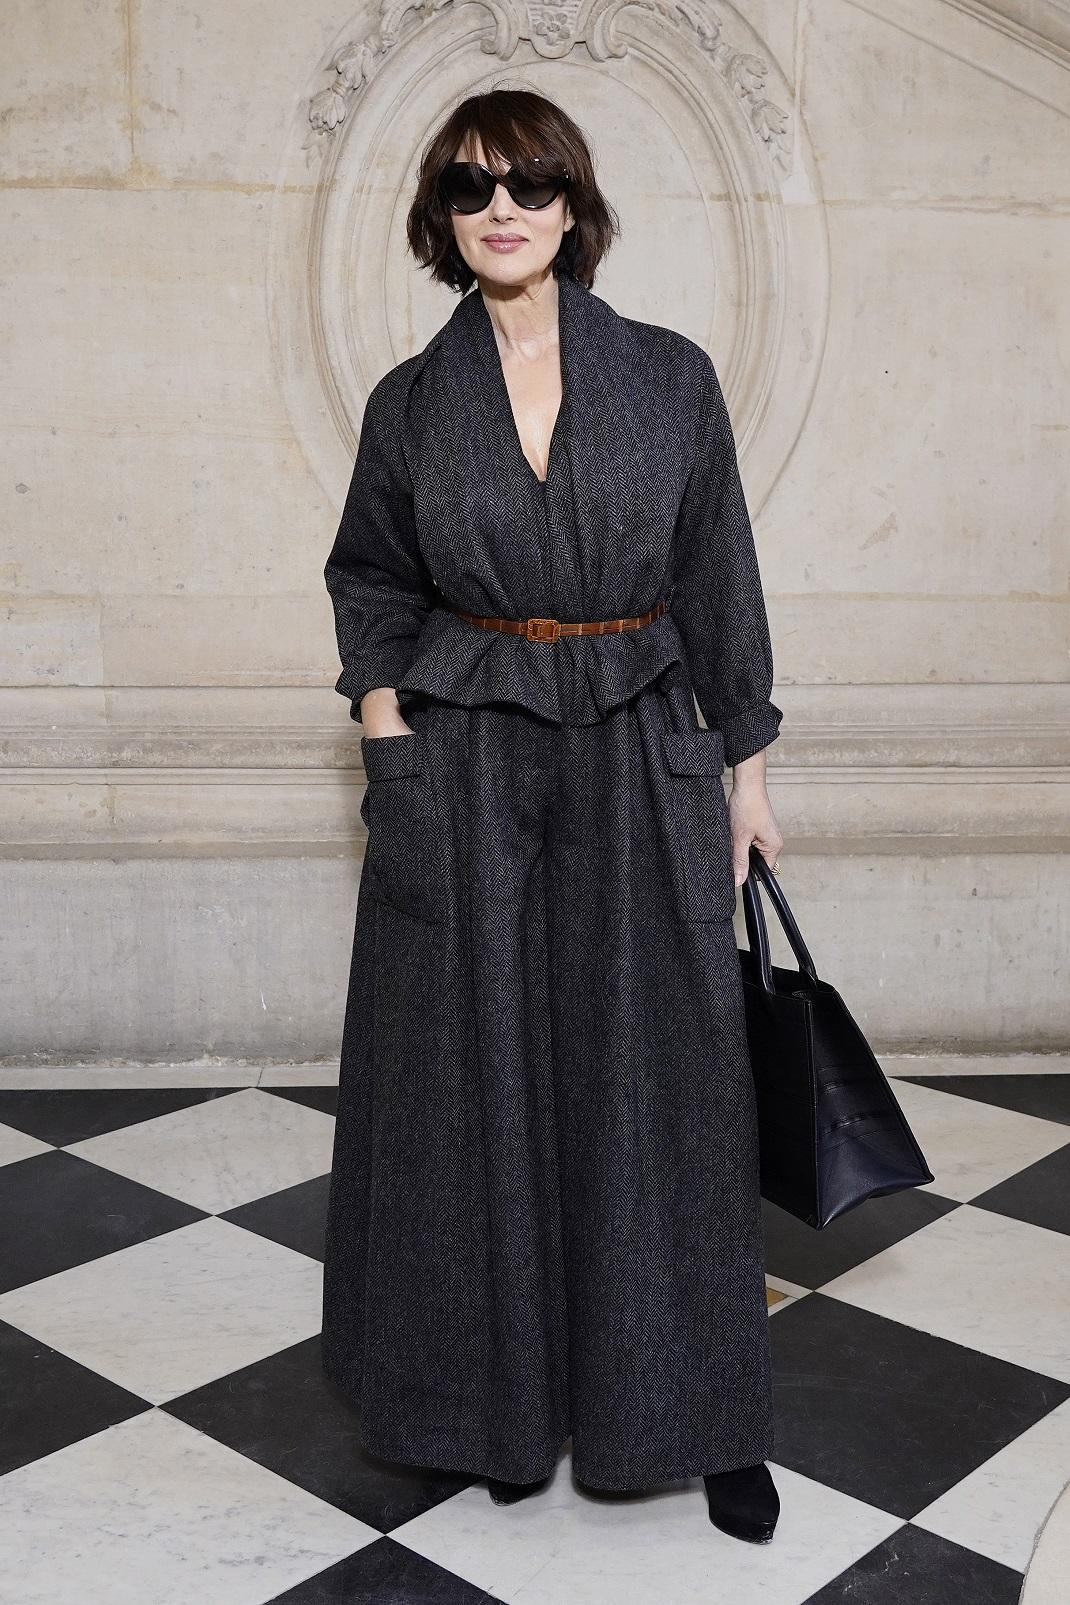 Η Μόνικα Μπελούτσι με γυαλιά ηλίου στην επίδειξη του οίκου Dior